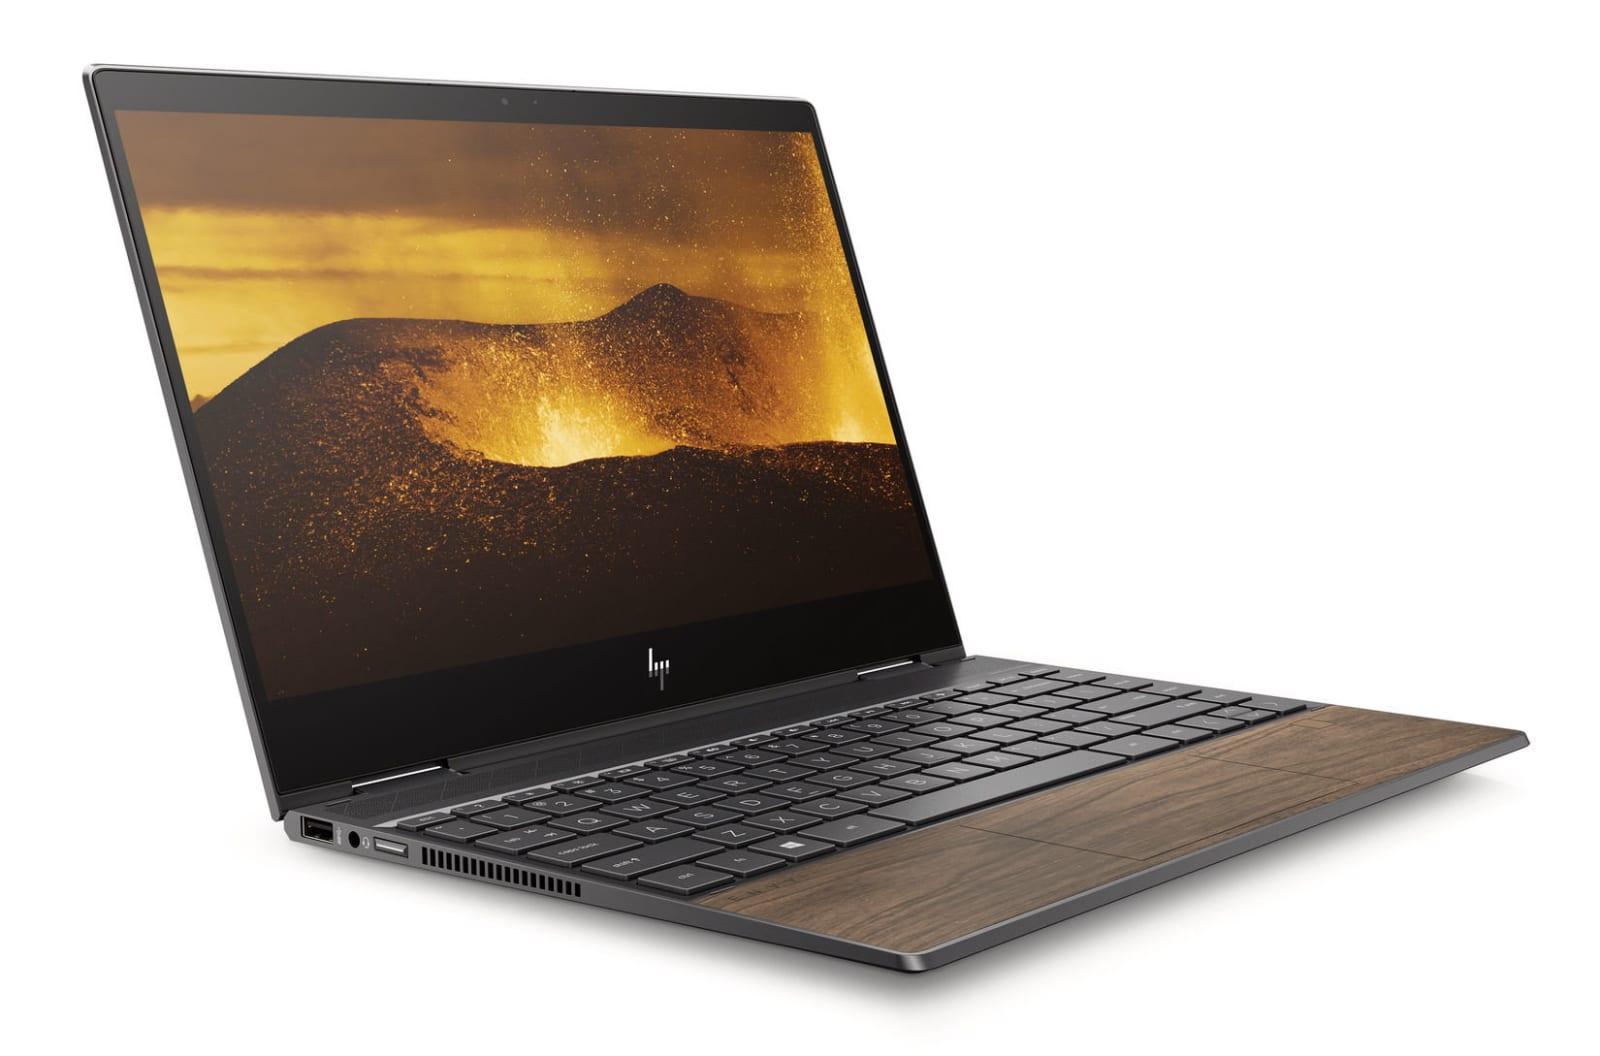 HP Envy x360 wood